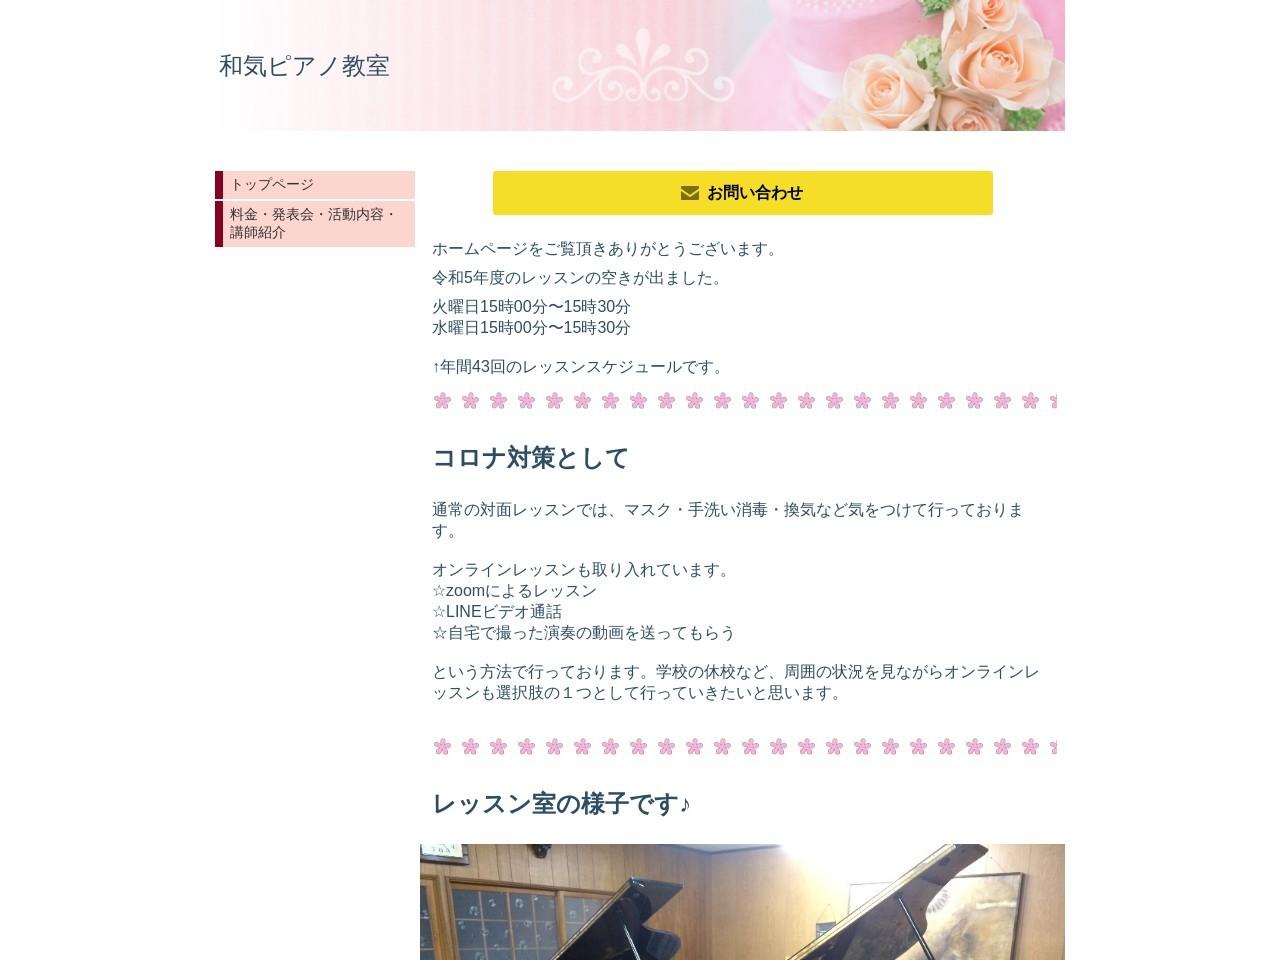 和気ピアノ教室のサムネイル